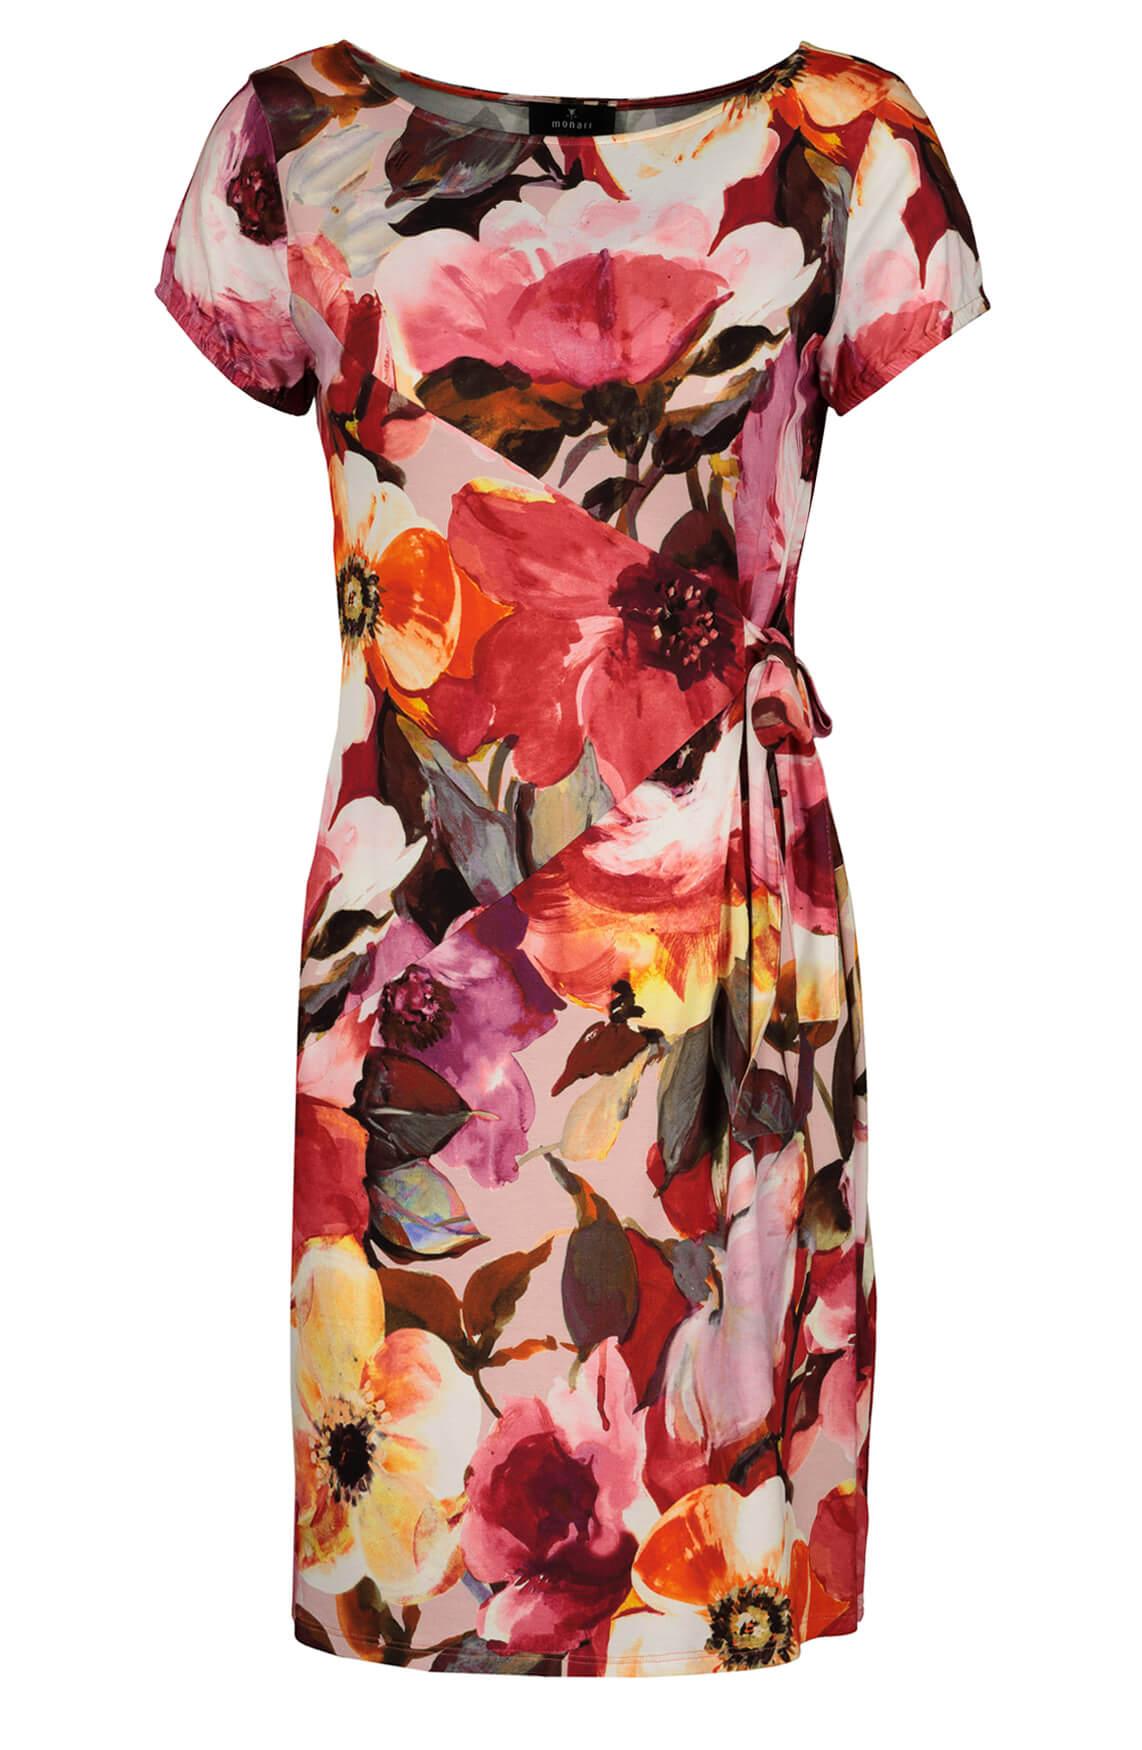 Monari Dames Gebloemde jurk roze